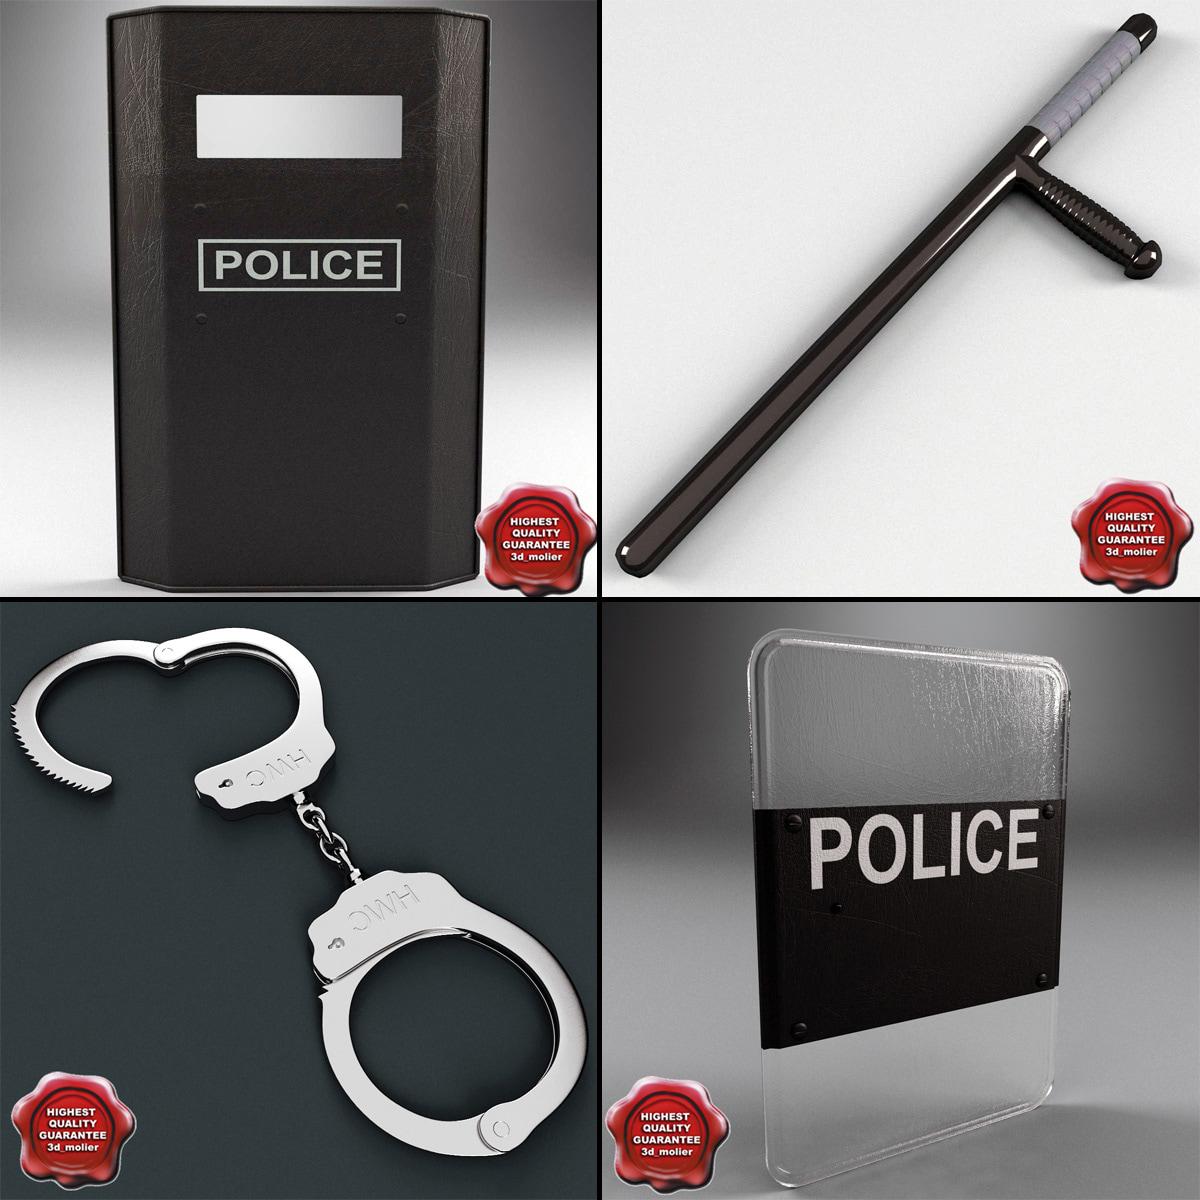 lightwave police equipment